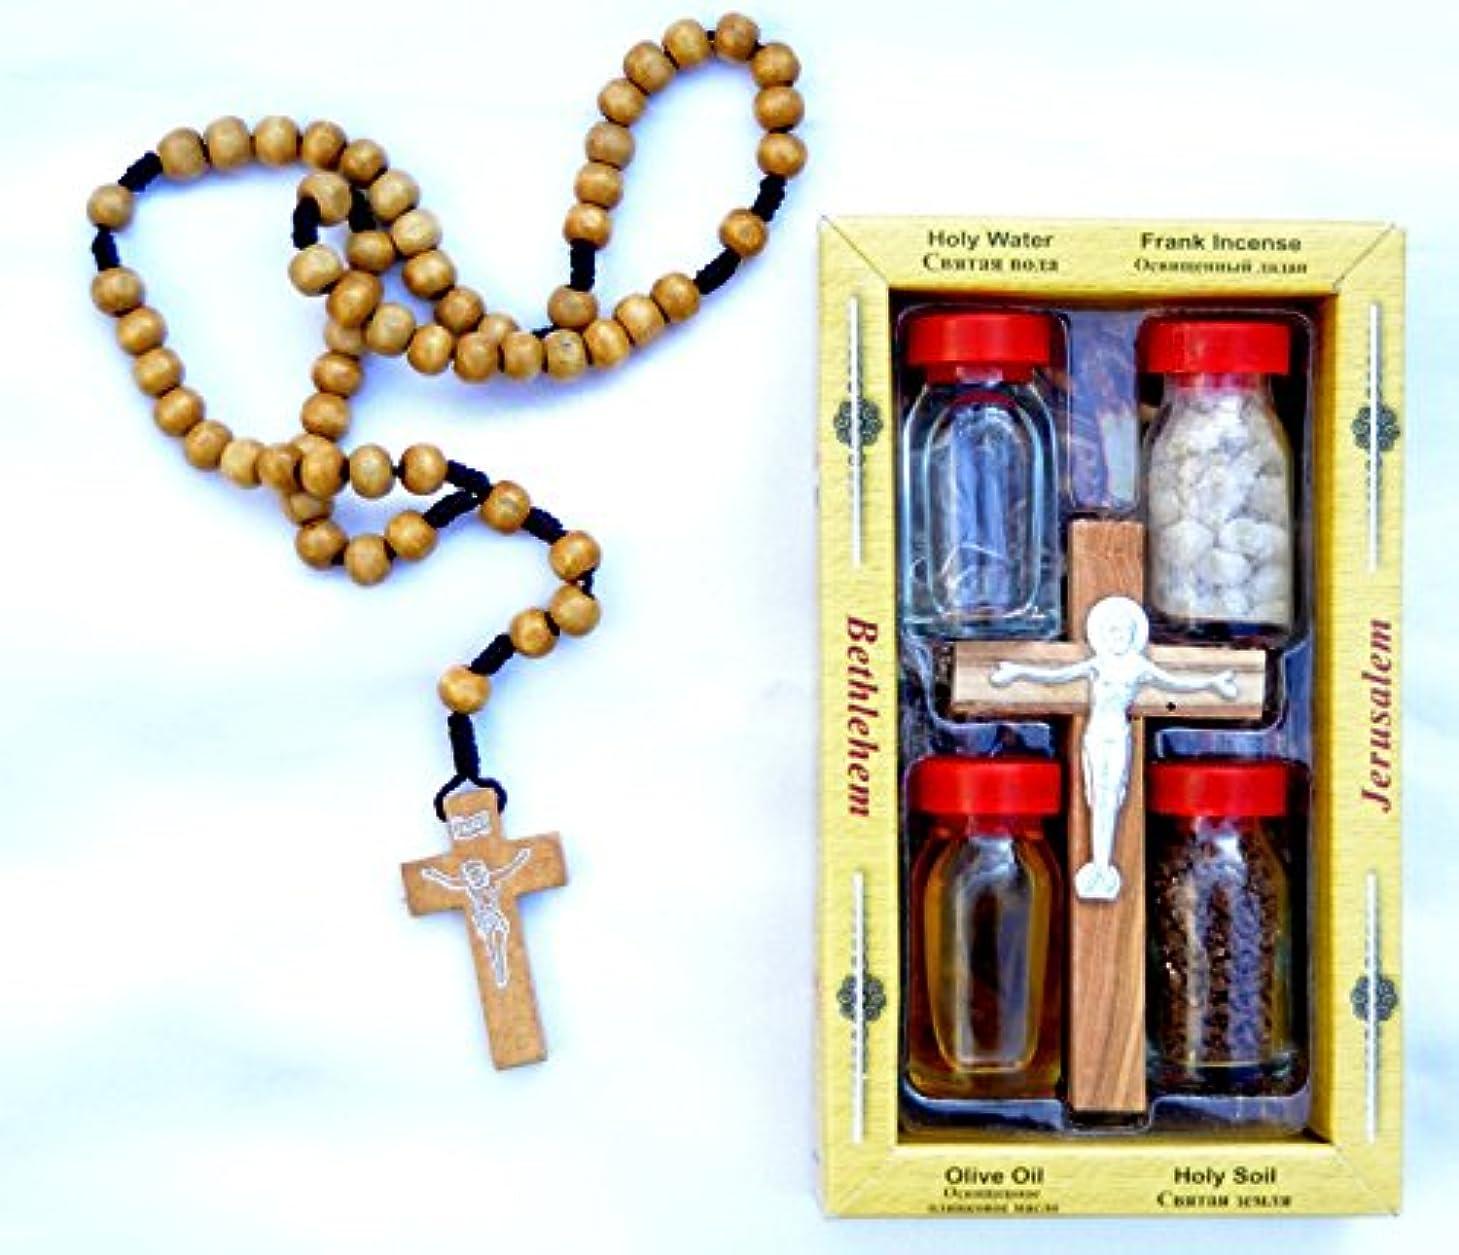 下に向けますアクセスできない別れるBethlehem Gifts TM 聖地ギフトセット (土 水 油香 十字架) 木製ビーズのロザリオ